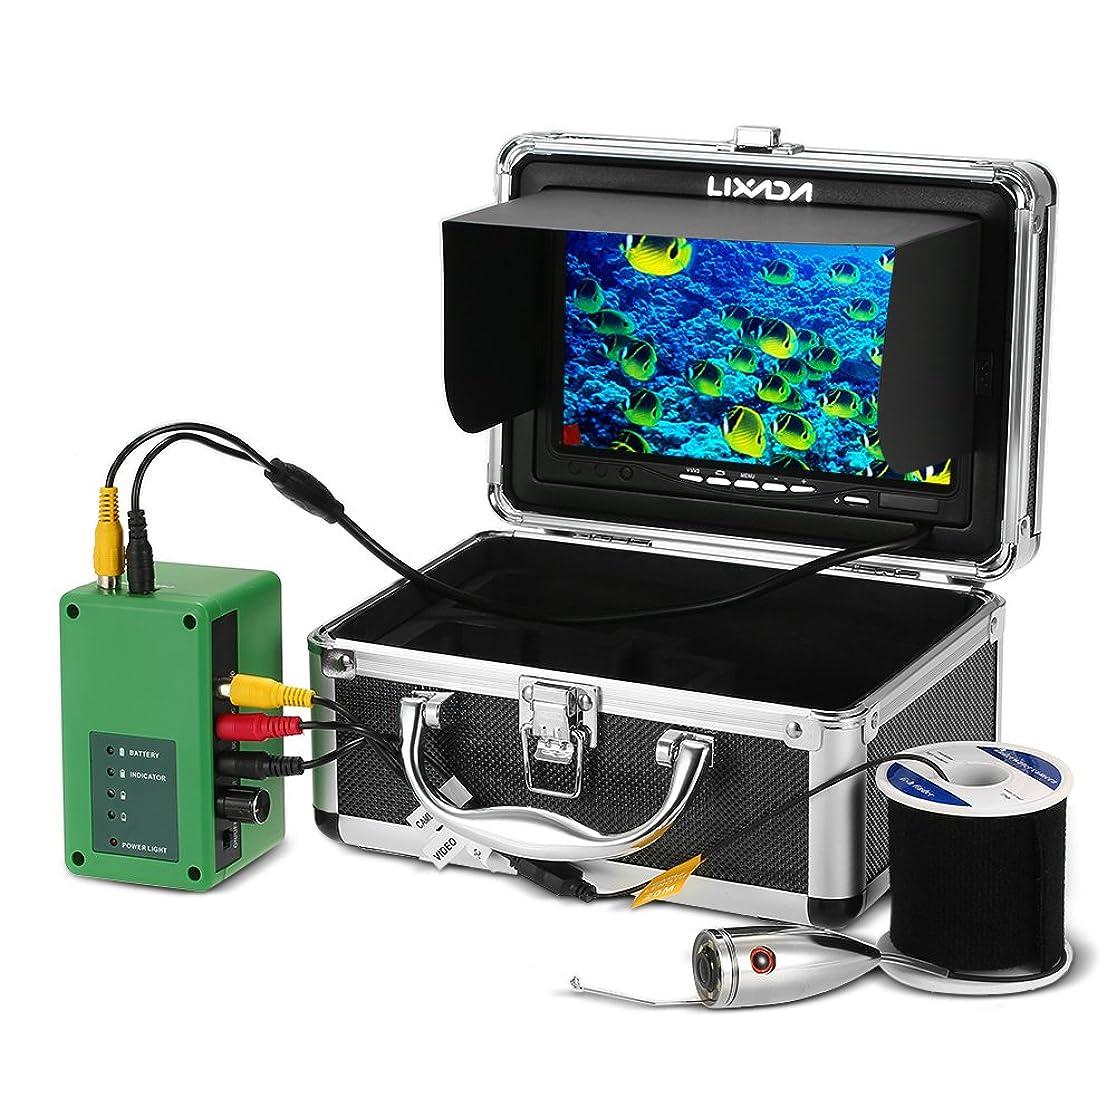 グラディス内訳LIXADA 釣りカメラ,魚群探知機,水中釣りカメラ,イプライン検査カメラ 防水 排水管 下水道検査カメラ 6LEDナイトビジョン パ工業用内視鏡検査システム 7インチ液晶モニター1000TVL 20mケーブル